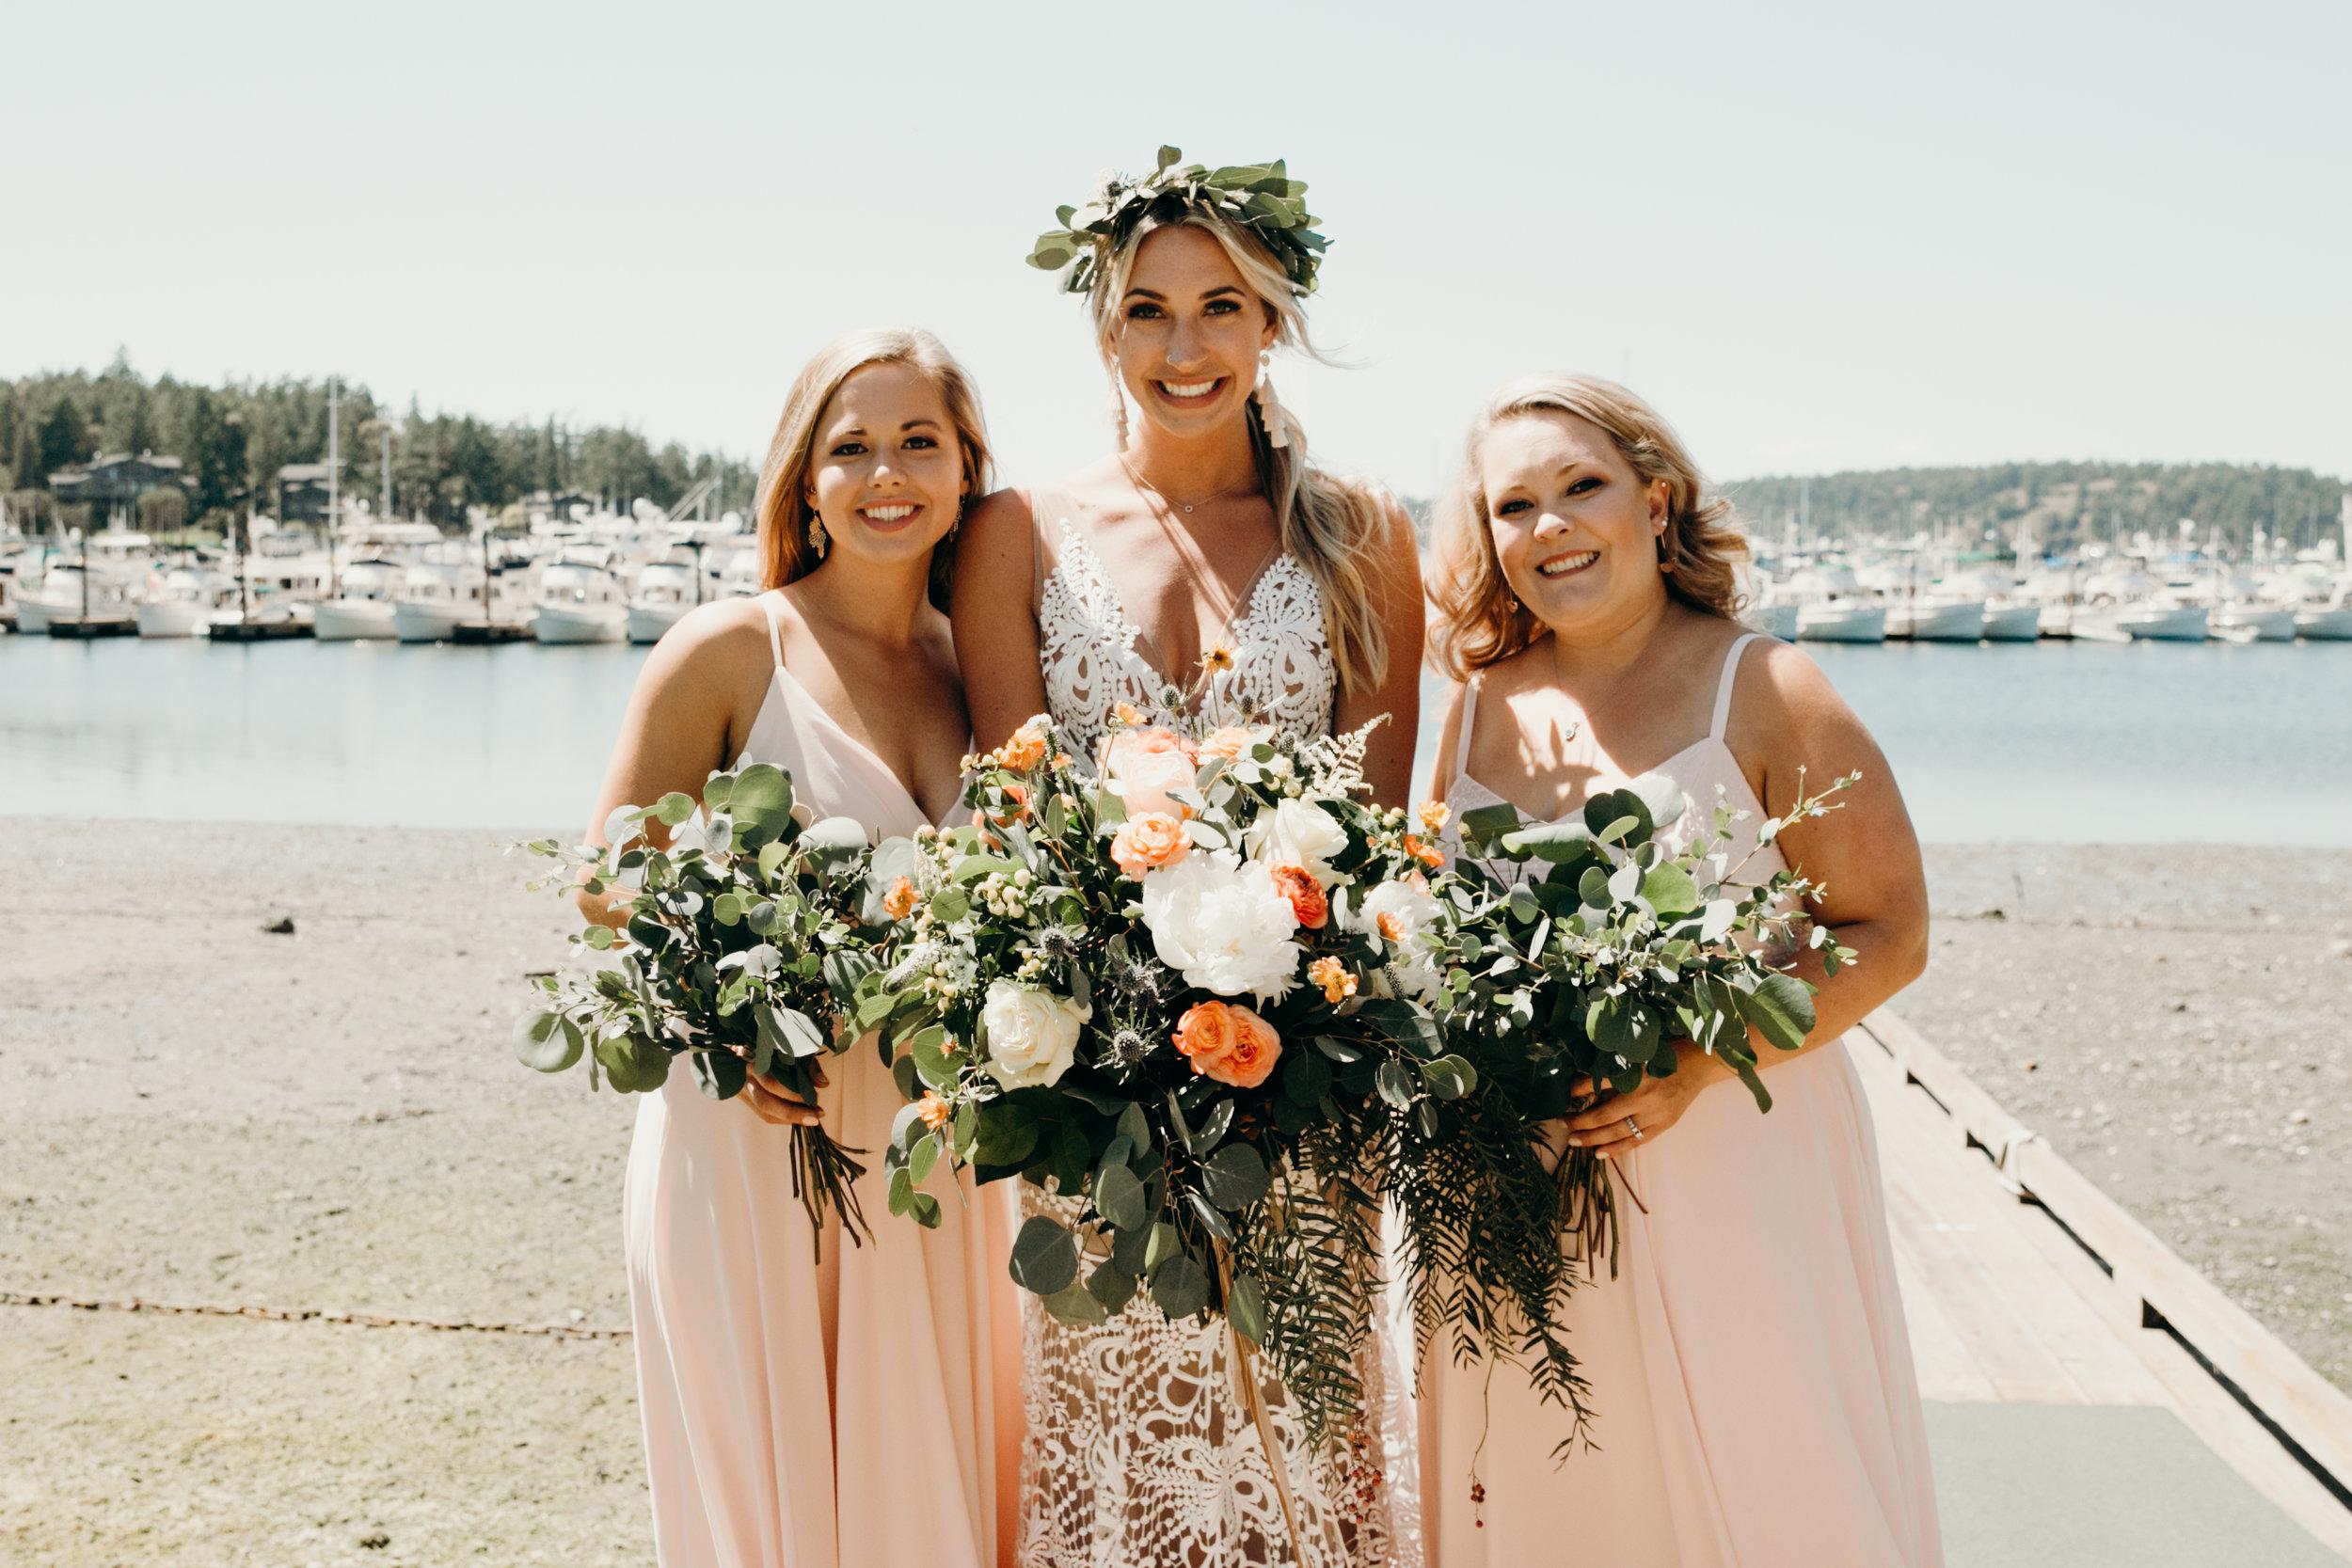 brides+-35 copy.jpg